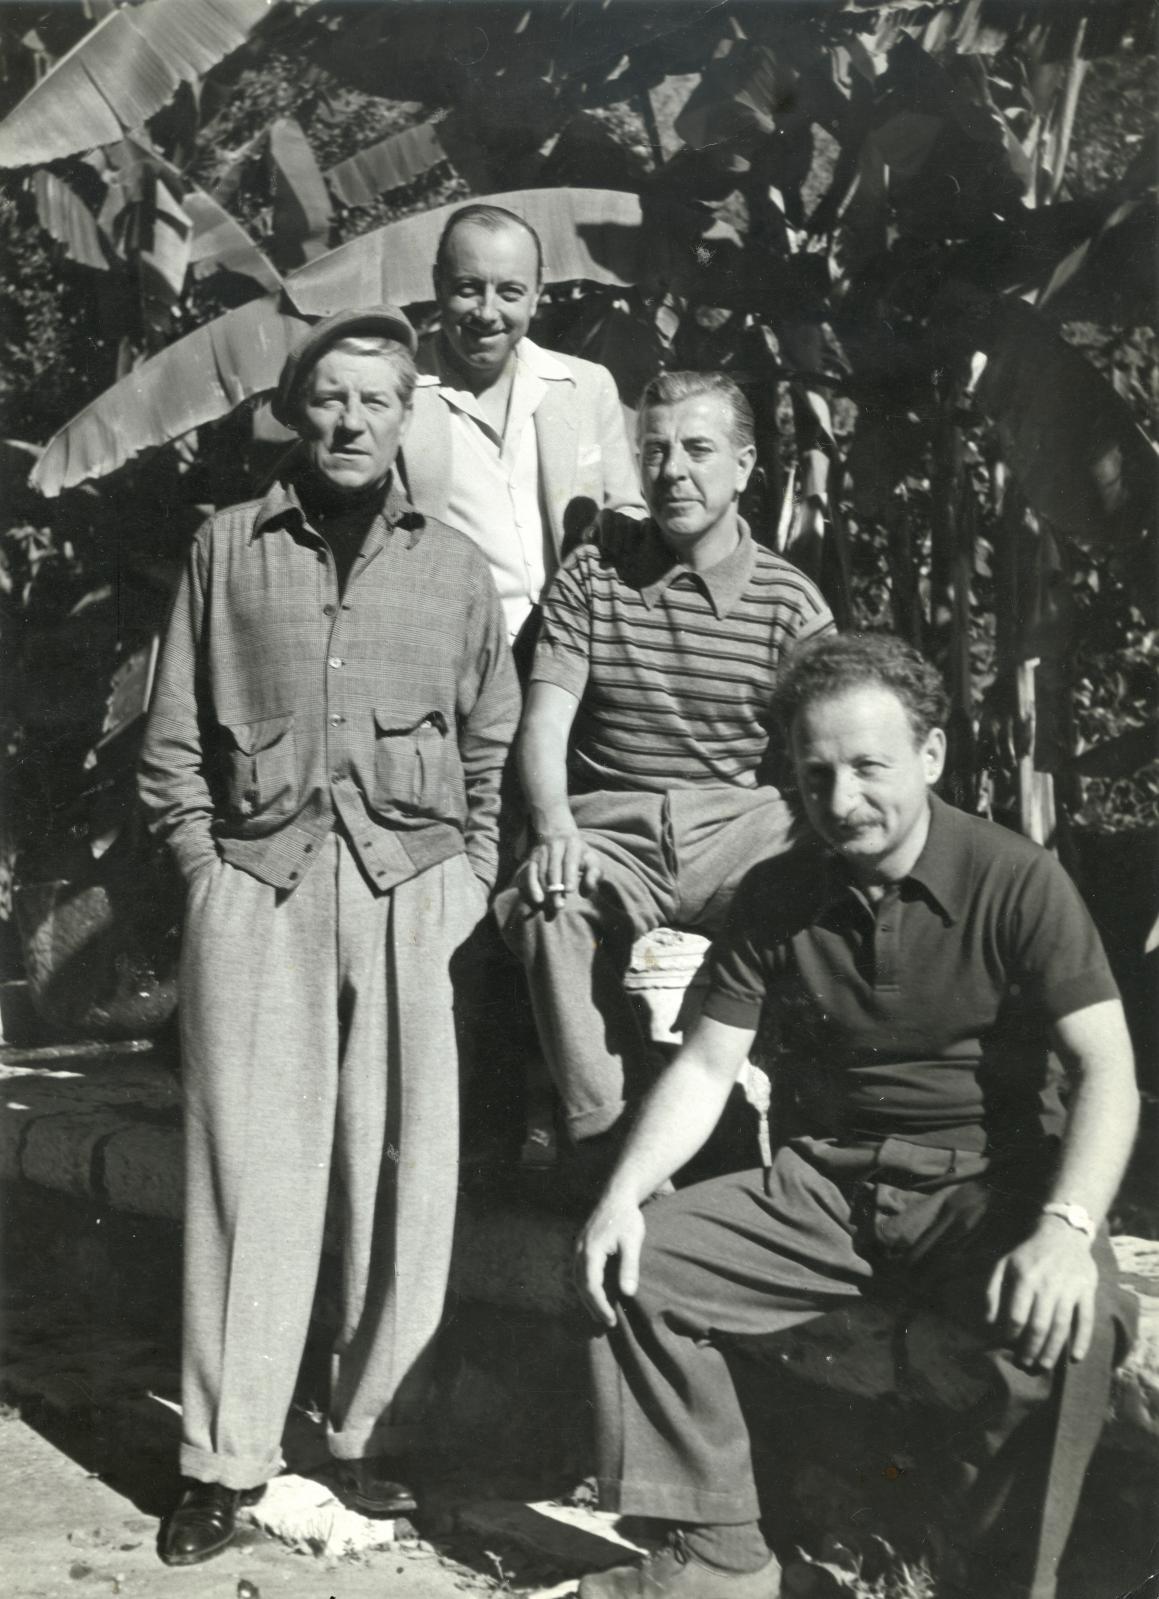 Émile Savitry (1903-1967), Jean Gabin, Marcel Carné, Jacques Prévert and Alexandre Trauner, in a garden, Saint-Paul-de-Vence, 1943, vintag